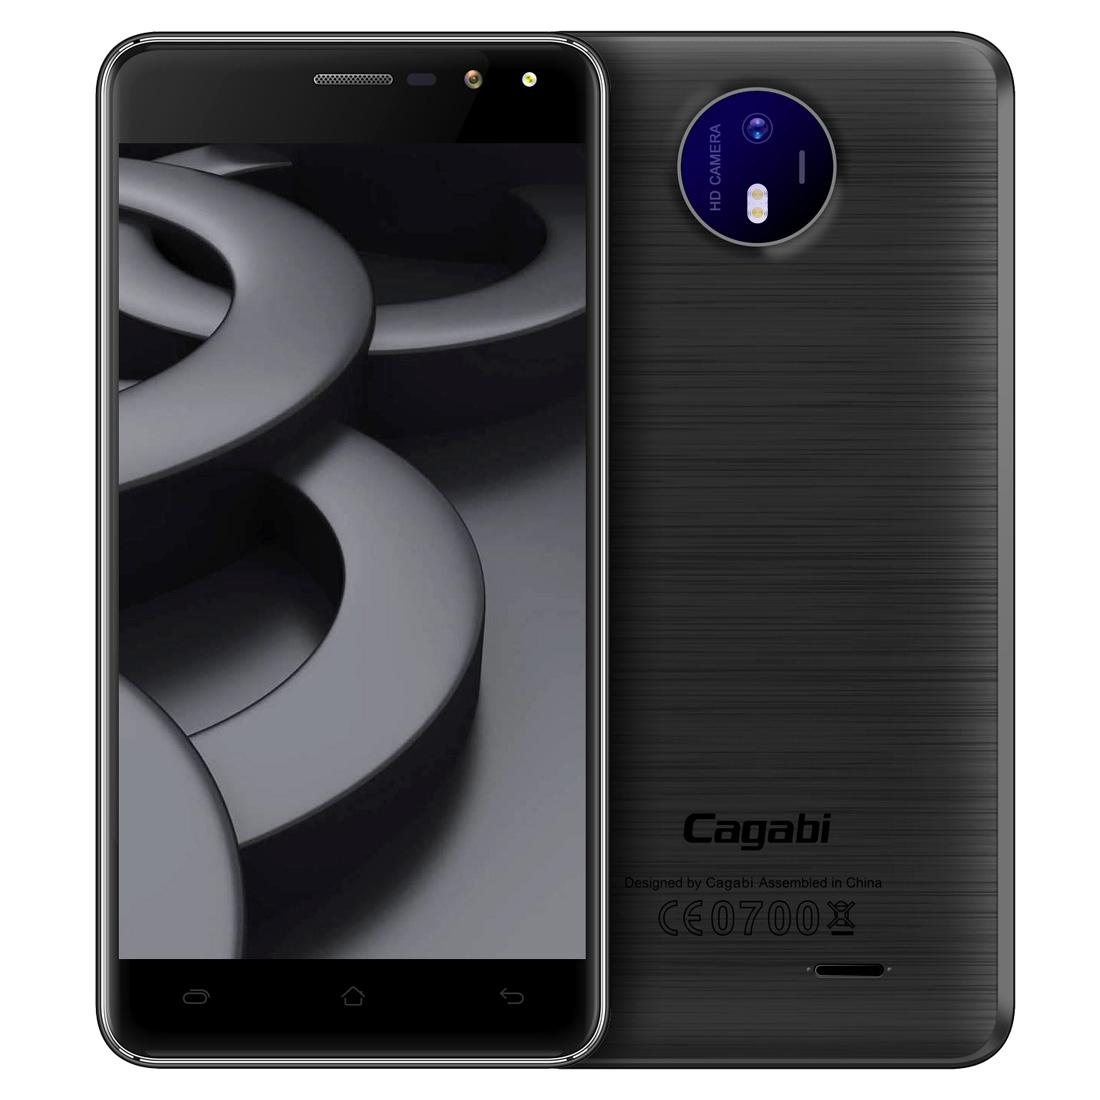 Cagabi Cagabi ONE, 1GB+8GB, černá